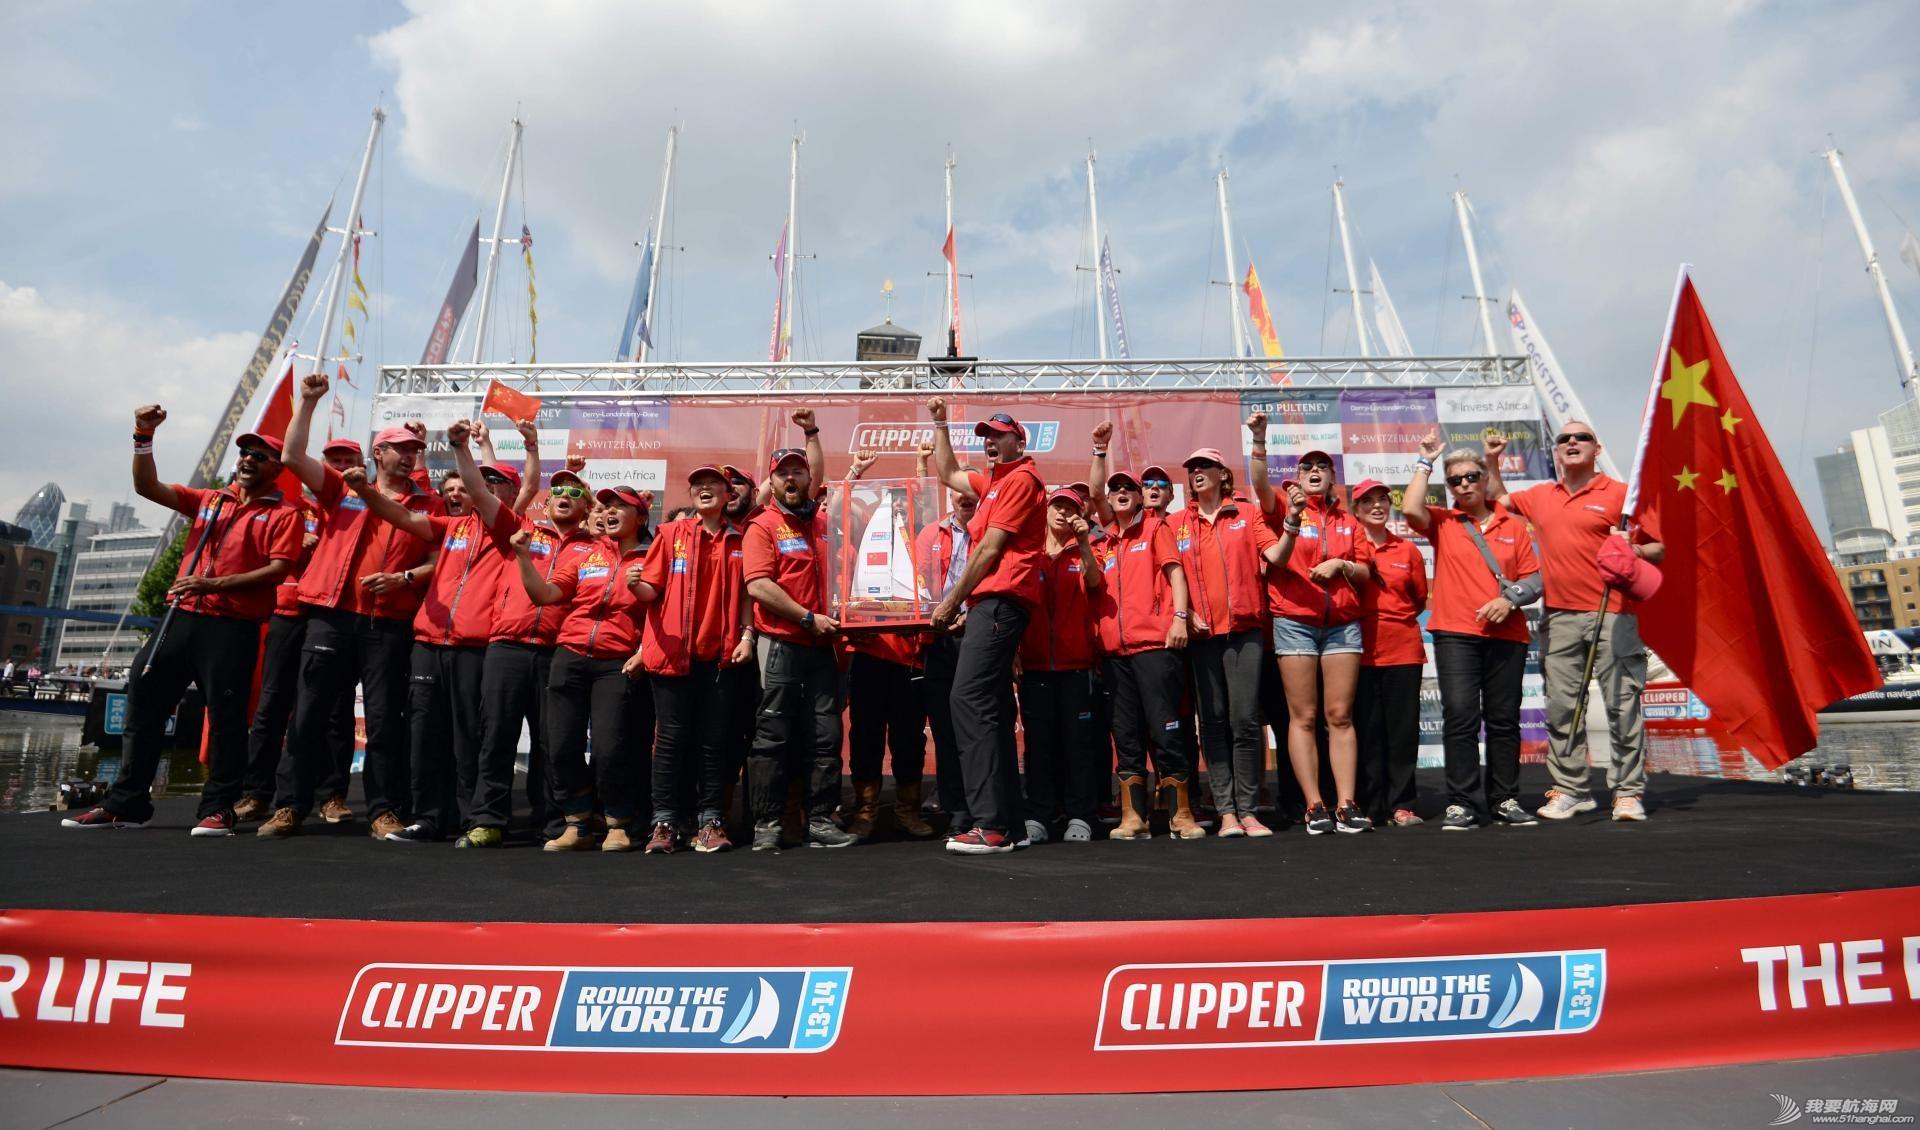 奥运冠军,大不列颠,泰晤士河,航海家,徐莉佳 中国姑娘宋坤顺利完成克利伯环球帆船赛,成为中国第一位完成帆船赛环球航行的女水手。 aa.jpg